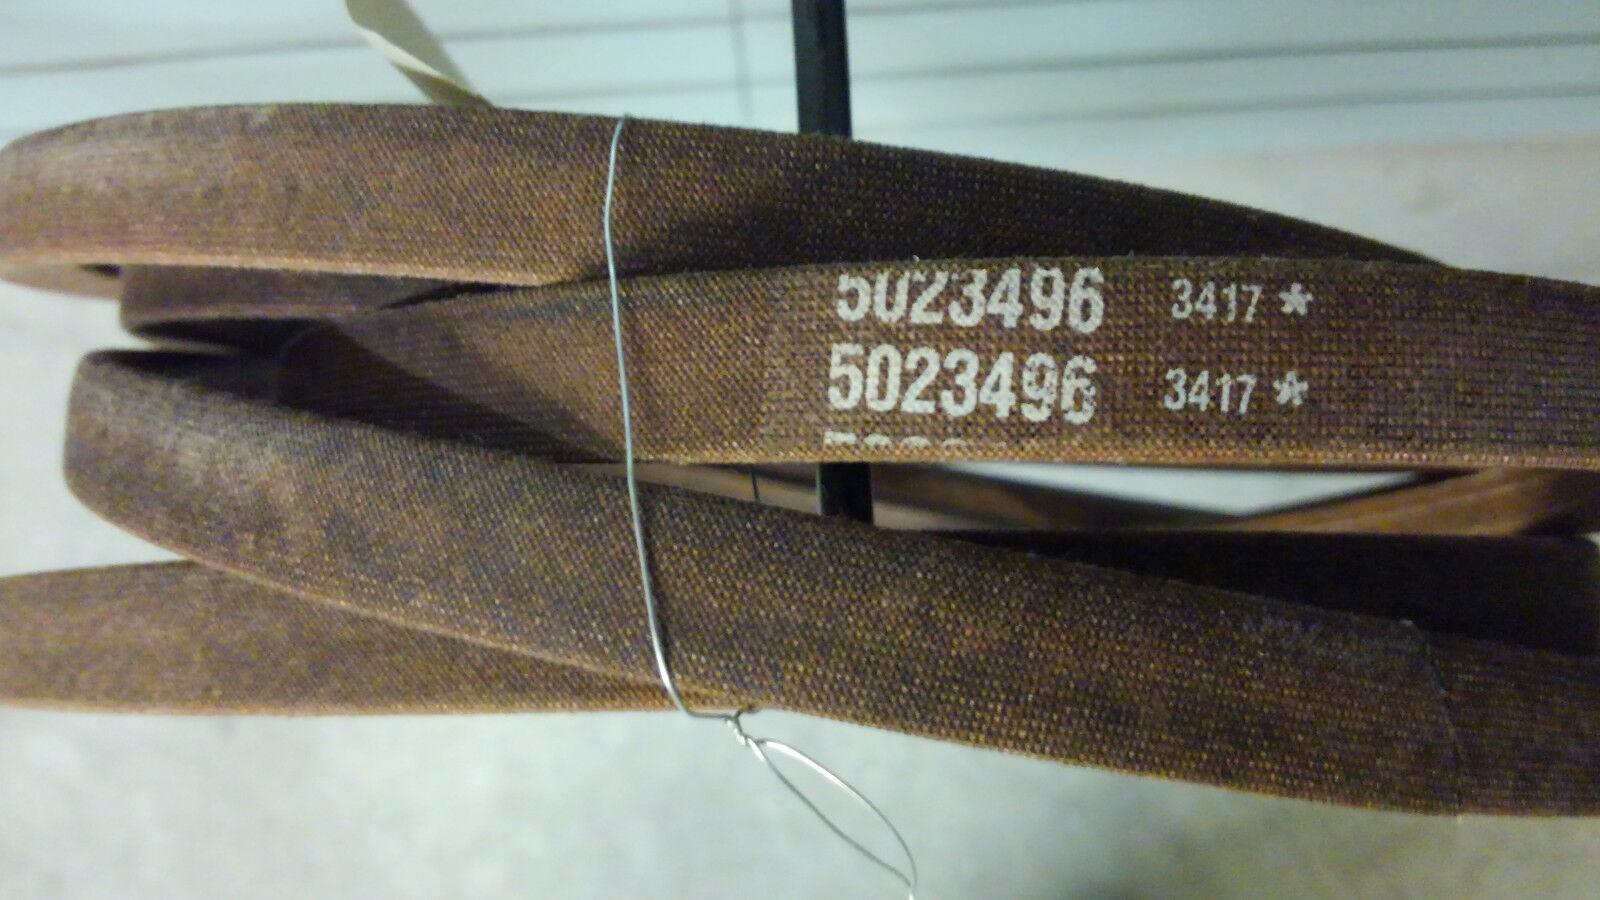 FERRIS 5023496 Cinturón  Nuevo Original Equipment Manufacturer'